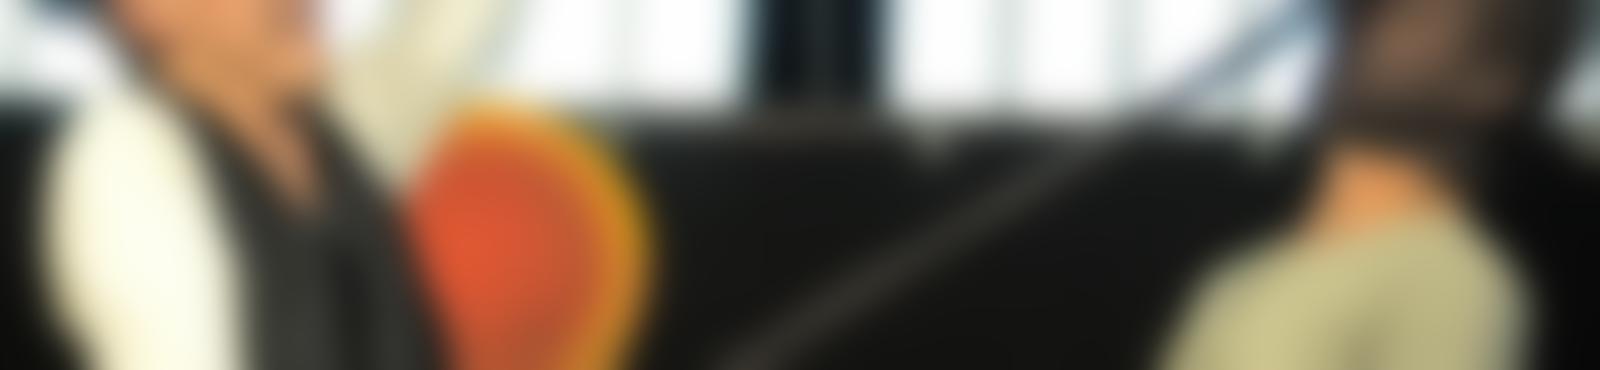 Blurred 470ae845 74ec 49cc 9ec0 ac4181e2859d